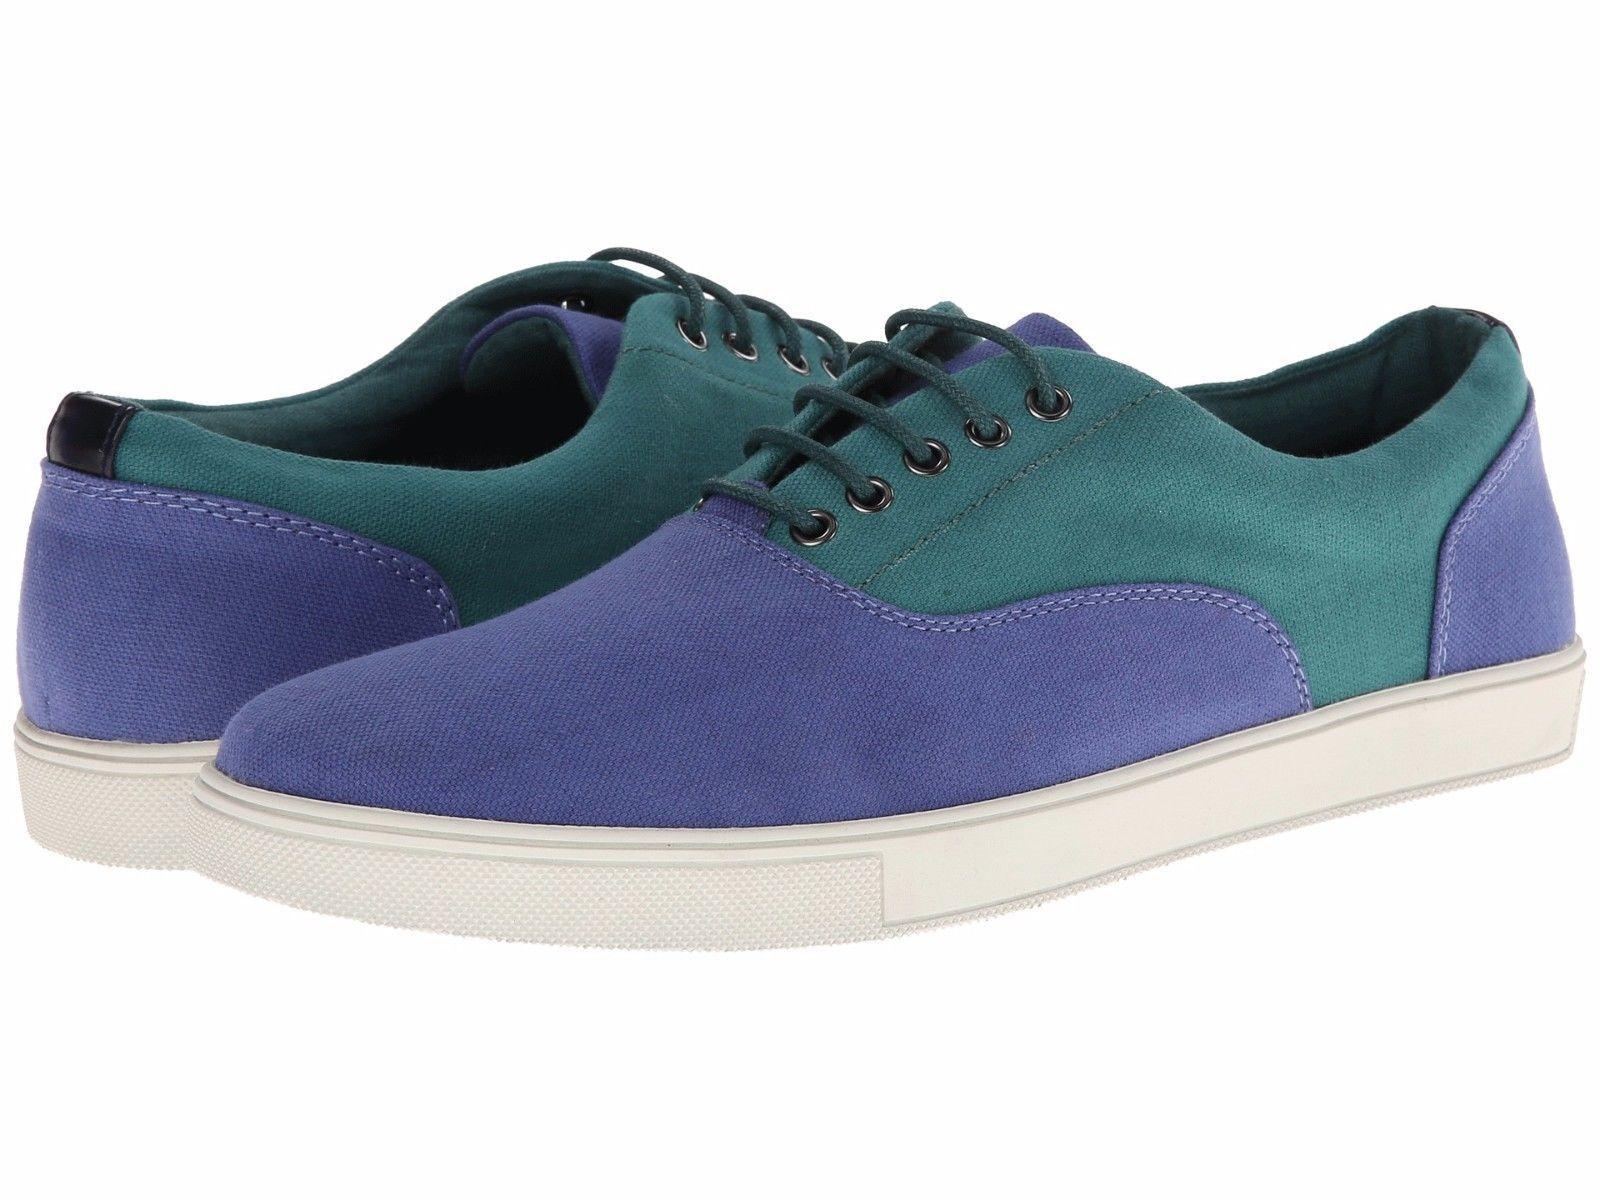 Size 9 & 10 KENNETH COLE Sport Men's Sneaker shoes  Reg Sale